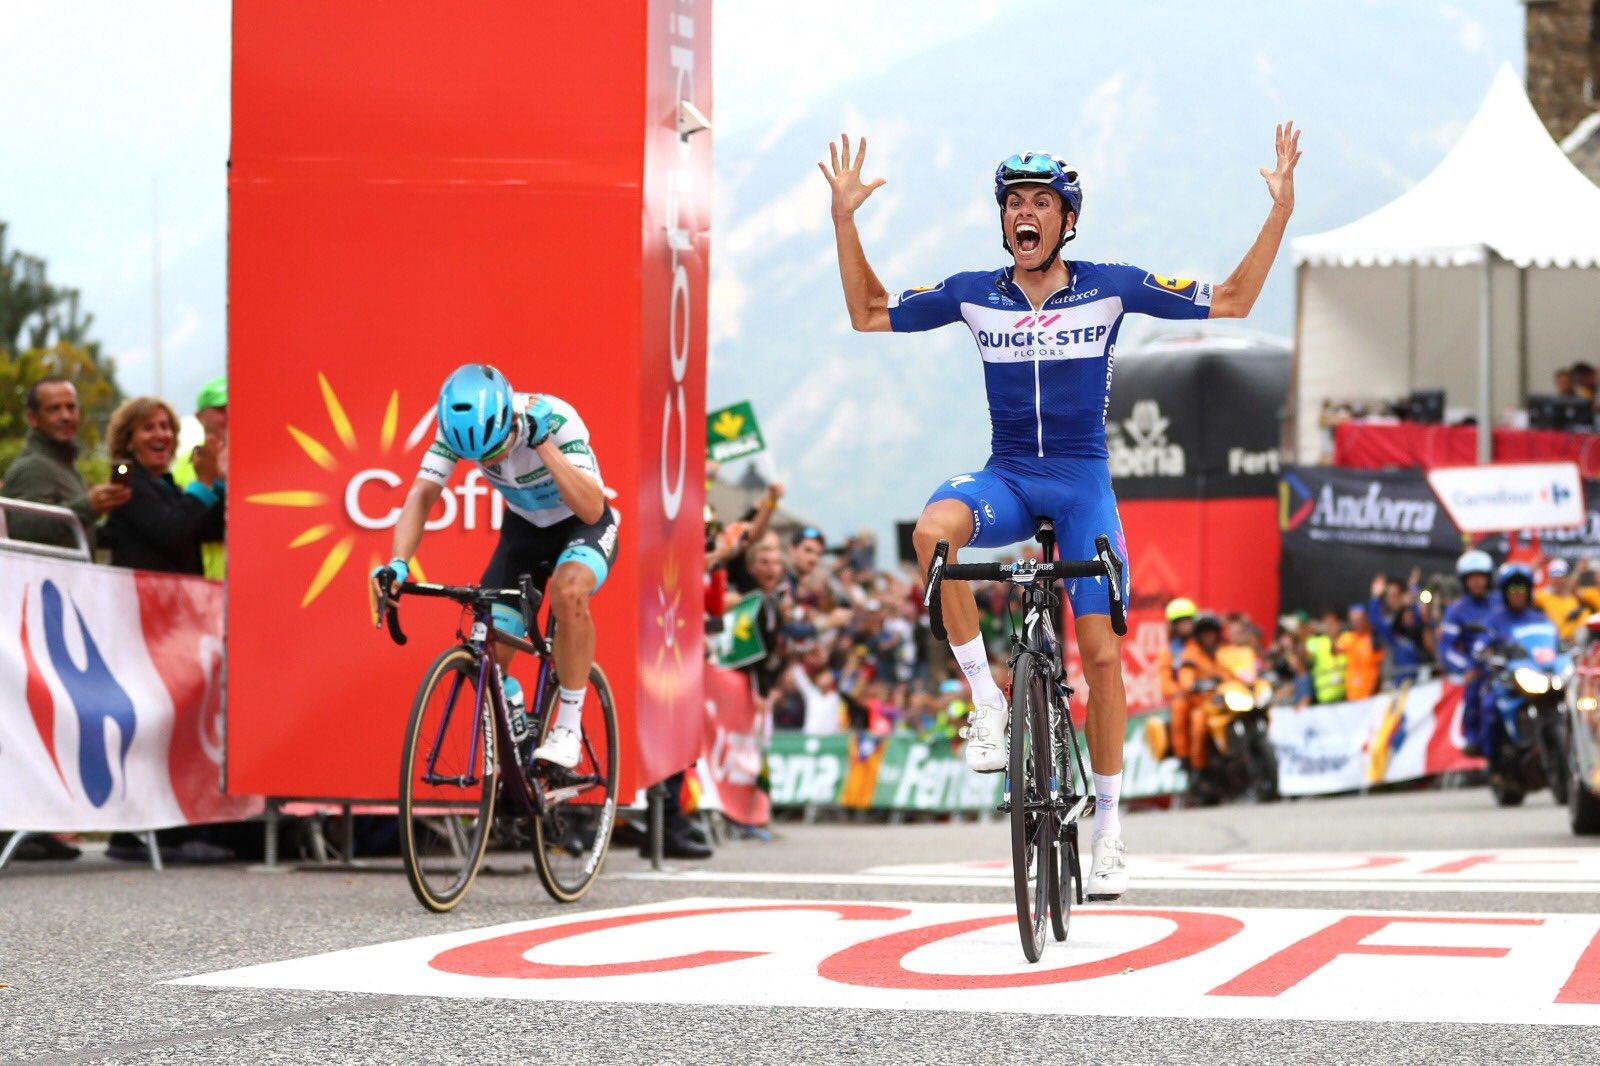 Vuelta 2018: Mas vince in montagna, a Yates la maglia rossa